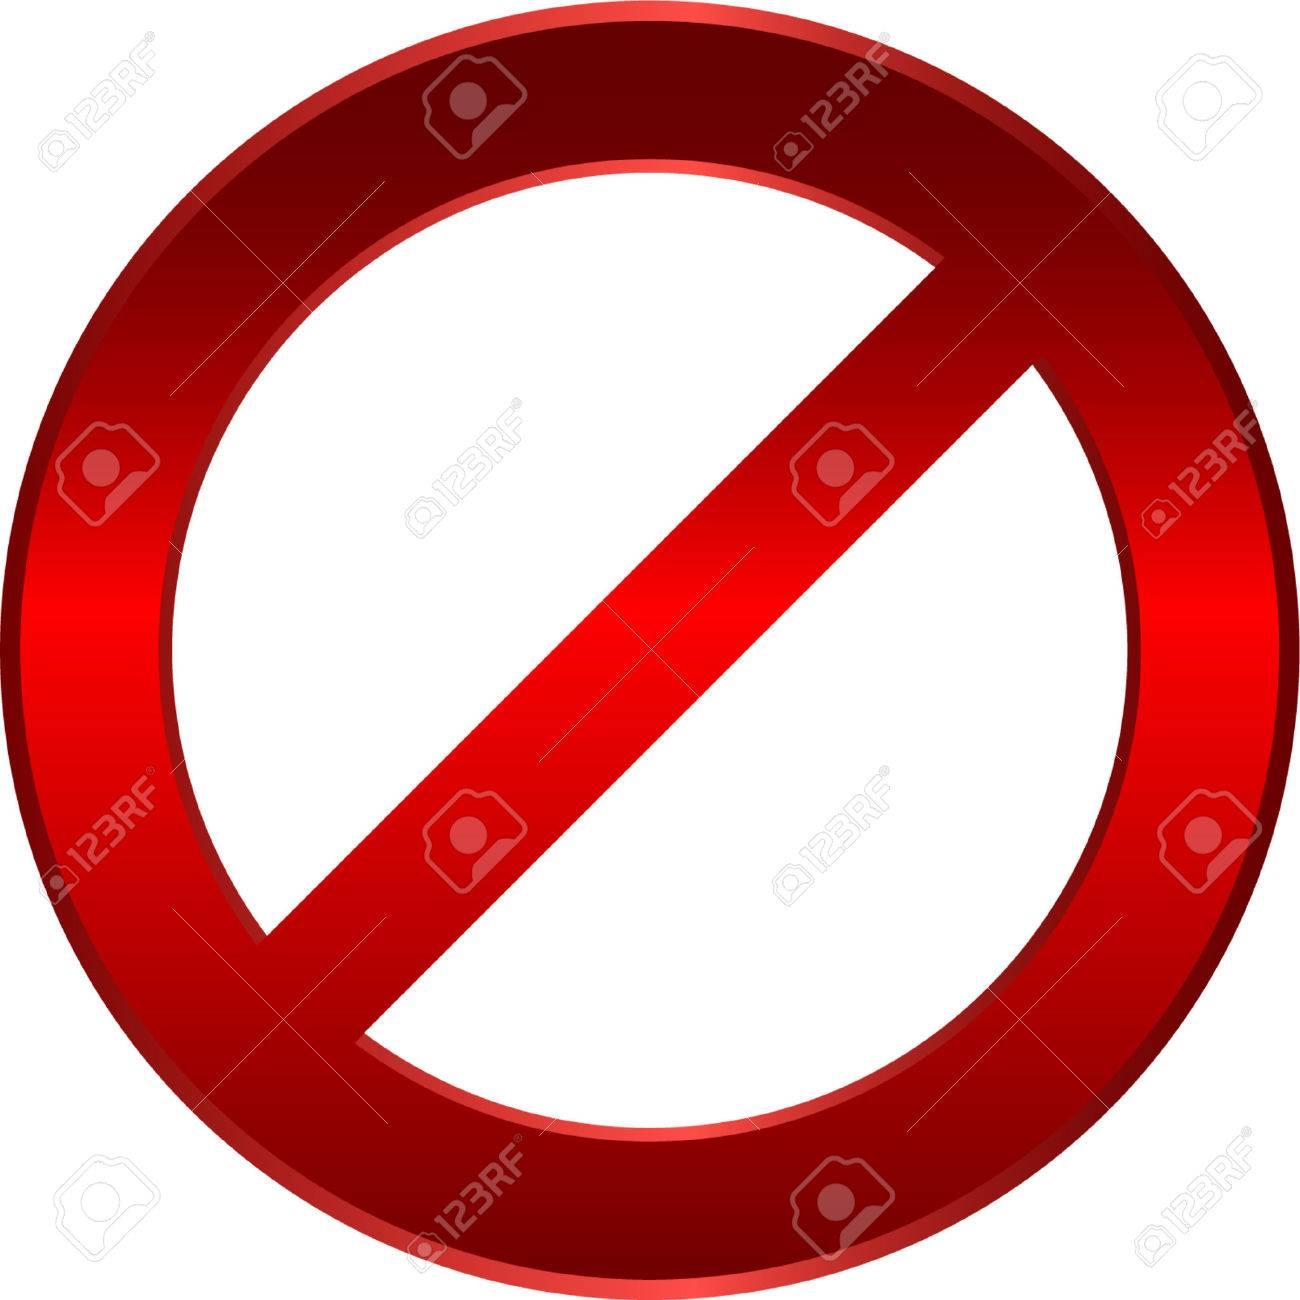 forbidden sign - vector Stock Vector - 5258427